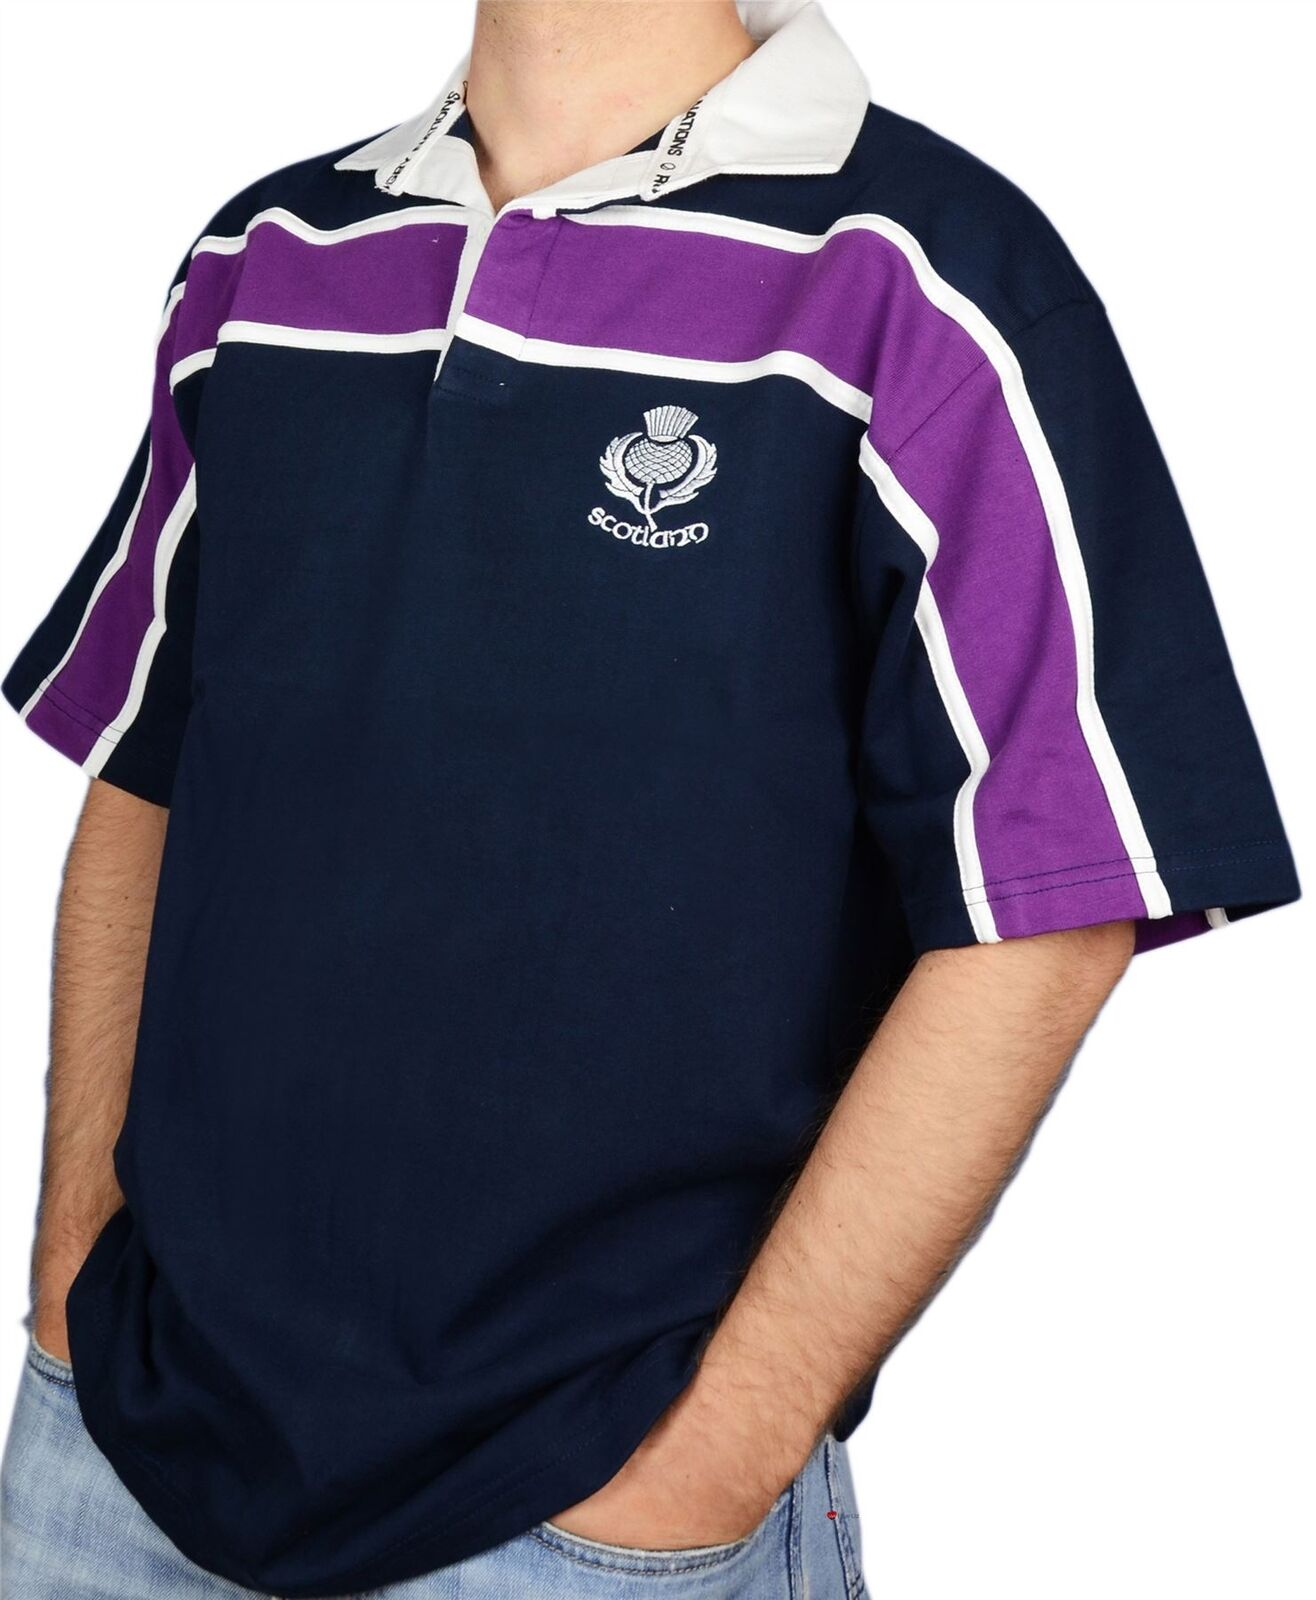 Camicia da uomo Scozzese Viola Rugby Rugby Rugby A Righe Cardo Logo Manica Corta Blu Navy 2X-LARGE f9d218